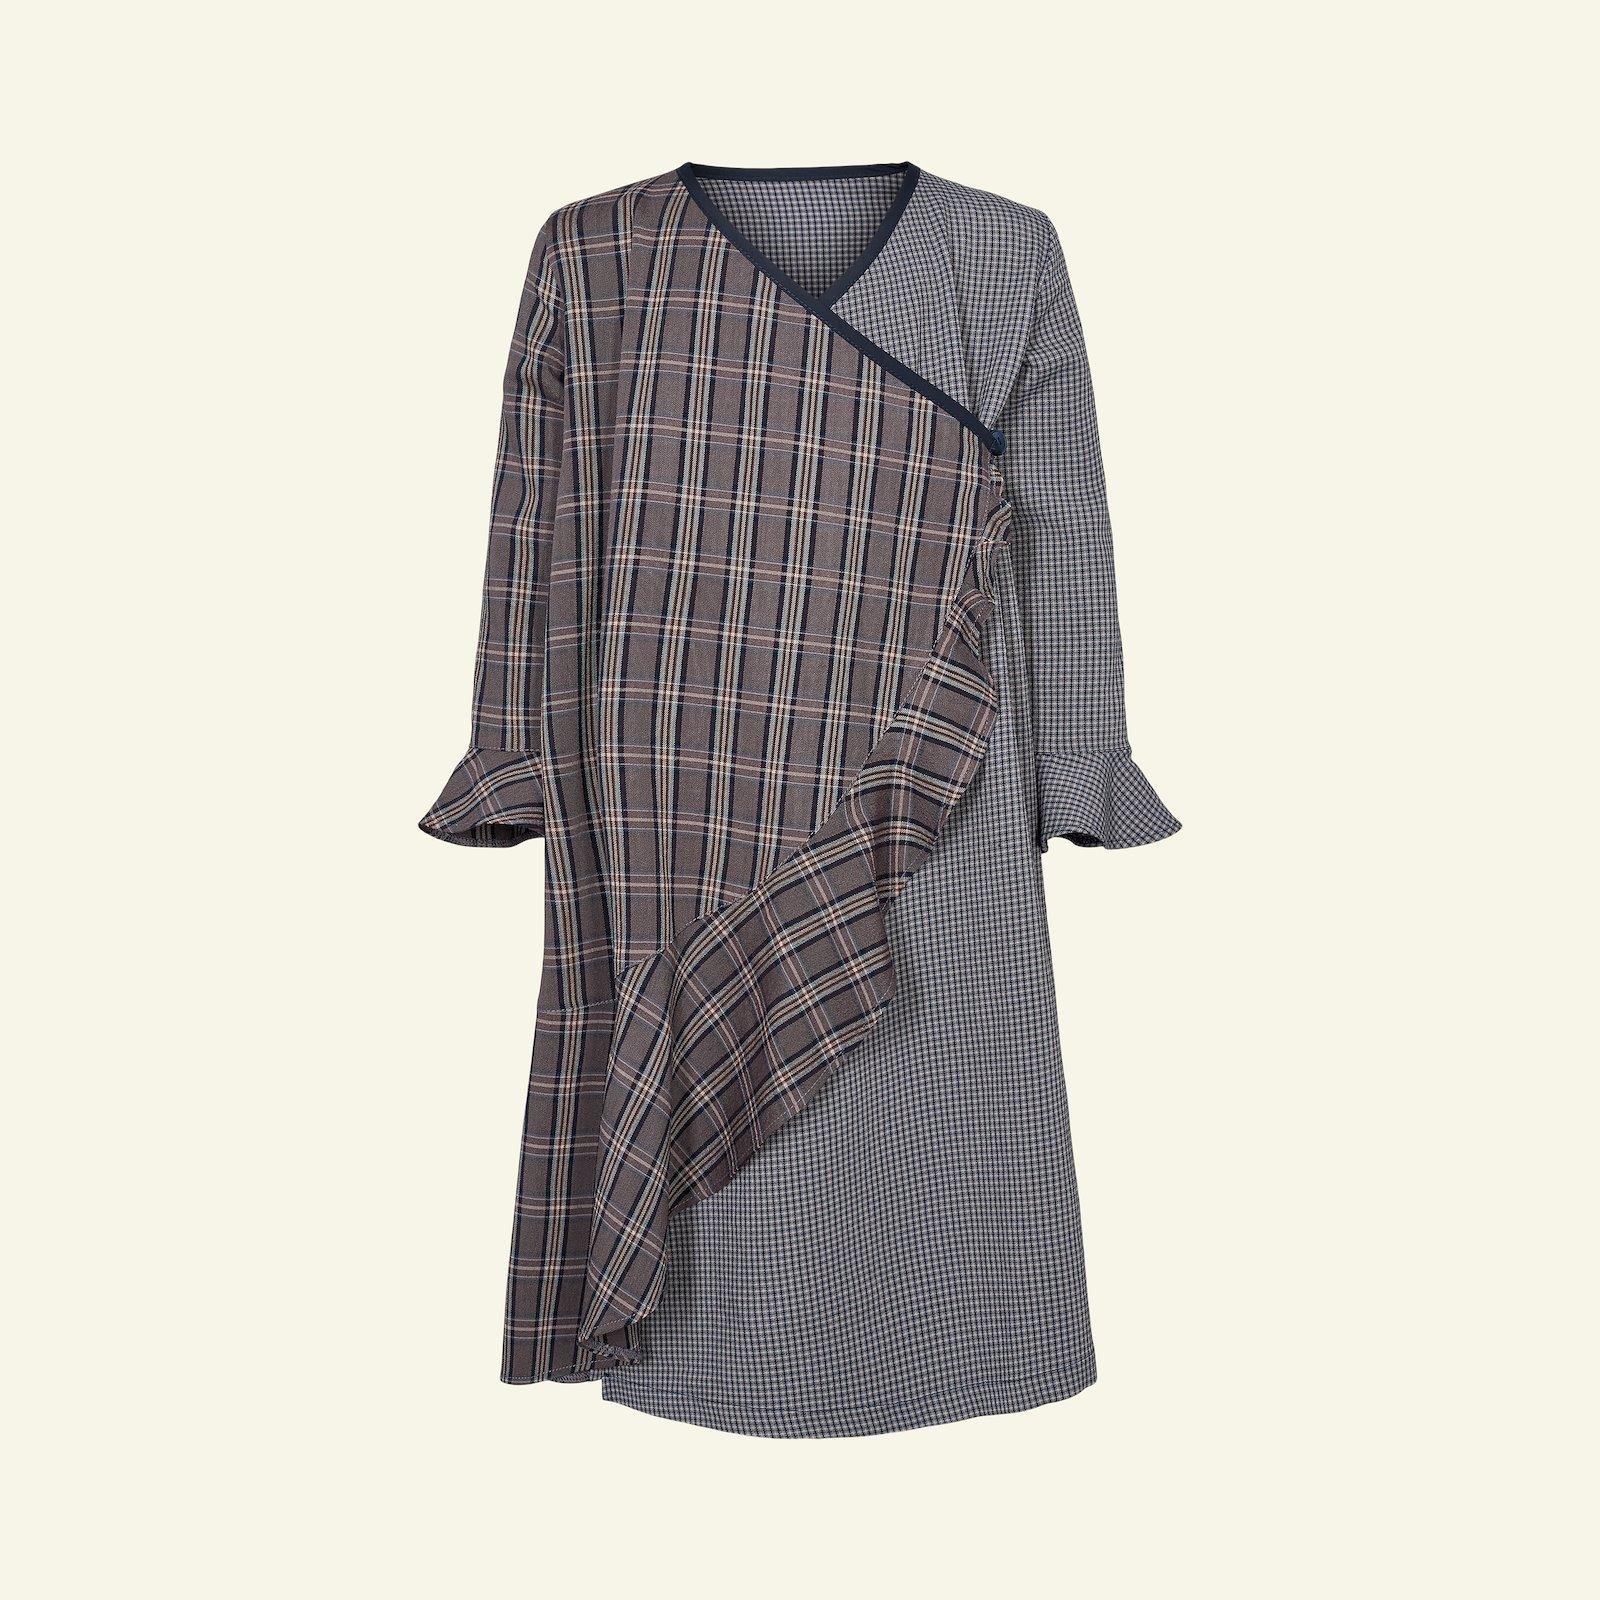 Wrap around dress, 104/4y p63067_300219_300220_64082_33459_sskit